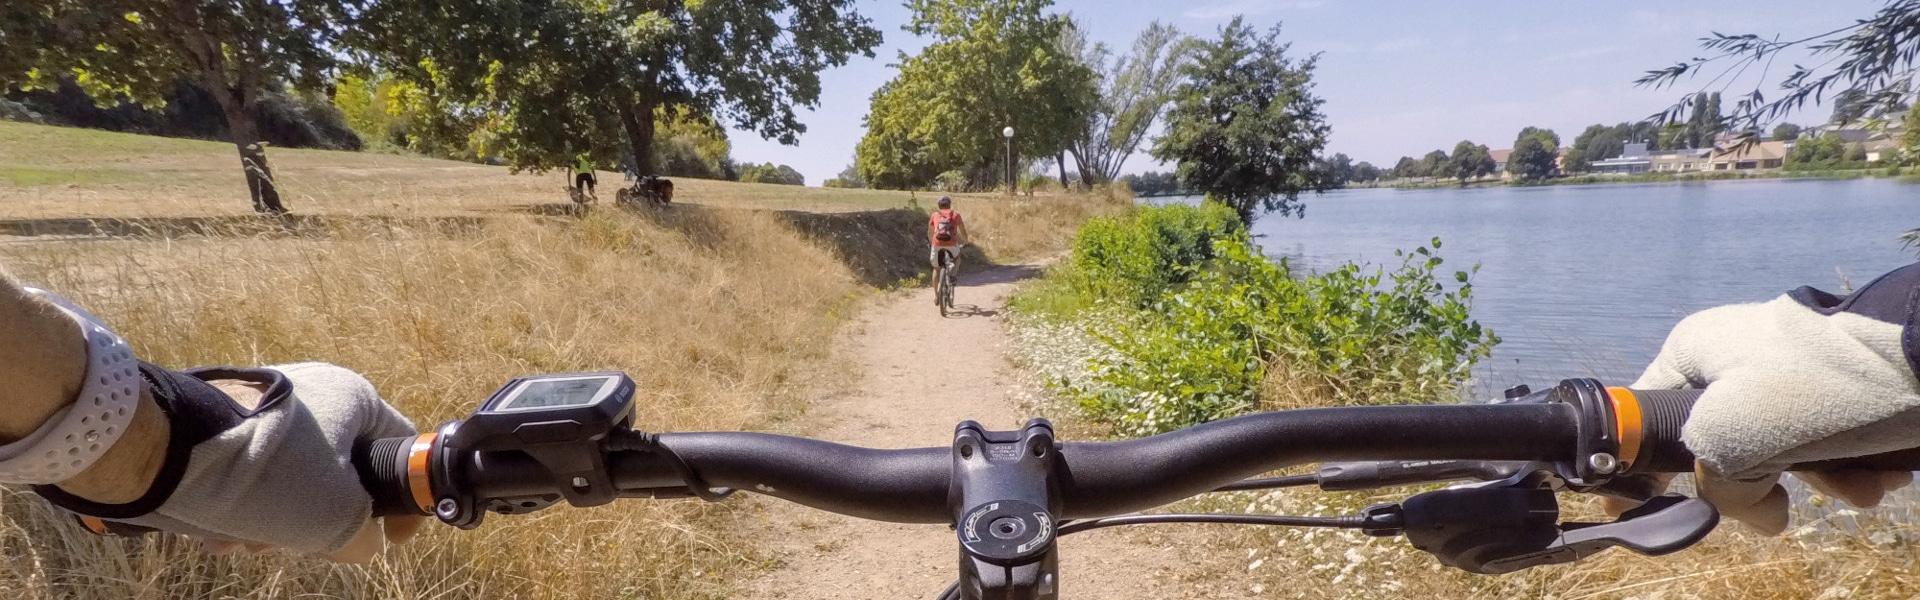 Partir en week-end en vélo sans être encombré